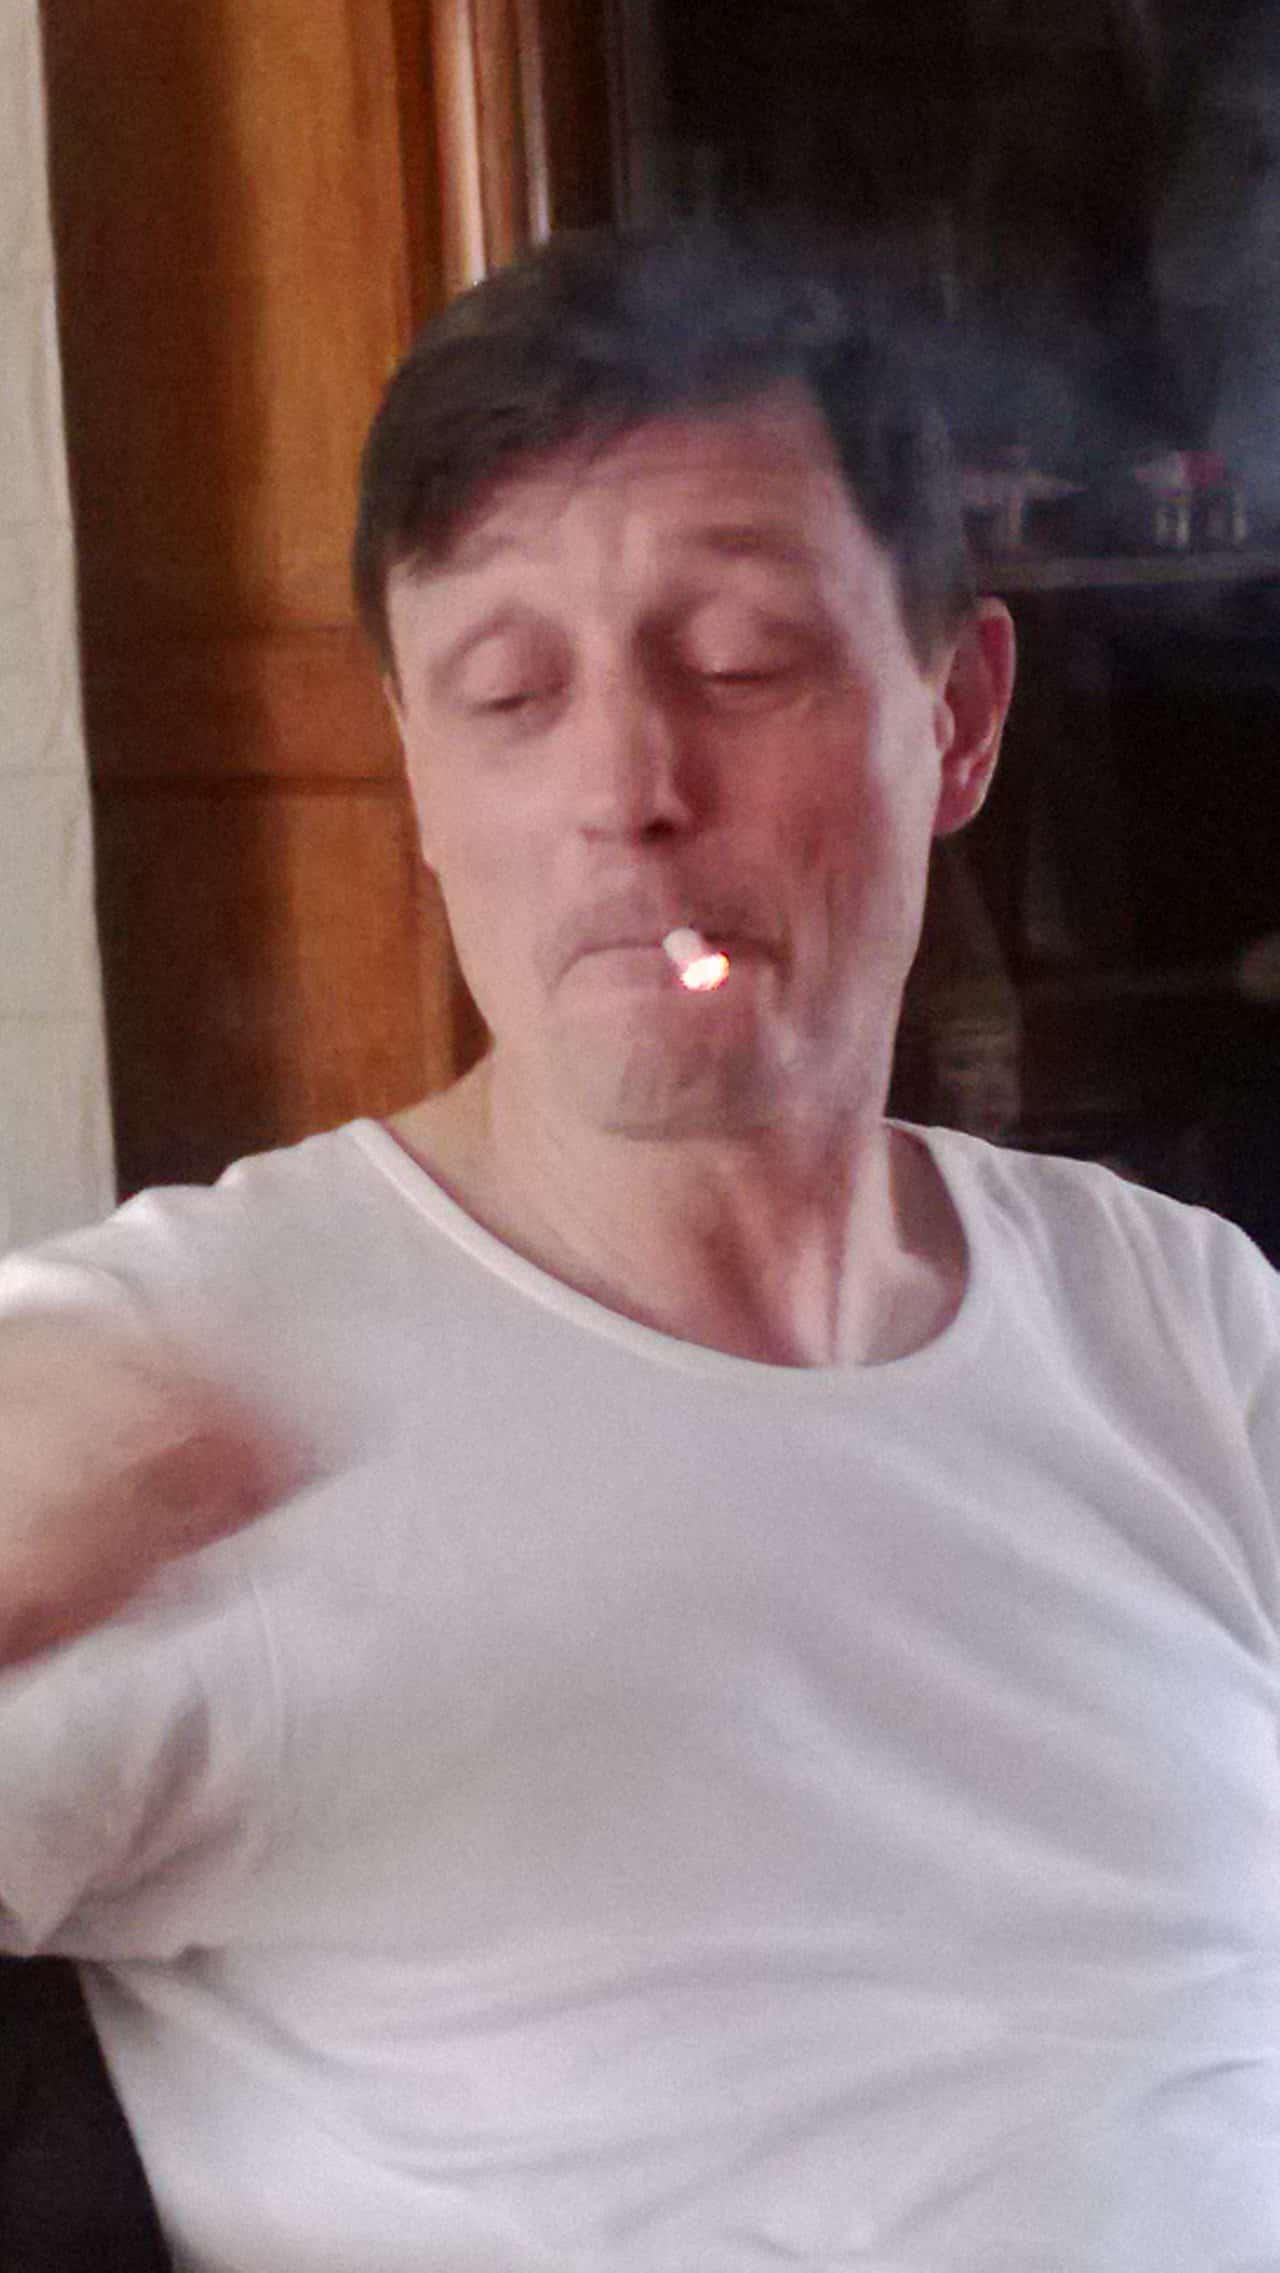 Nichtraucher – Leben ohne Rauchen